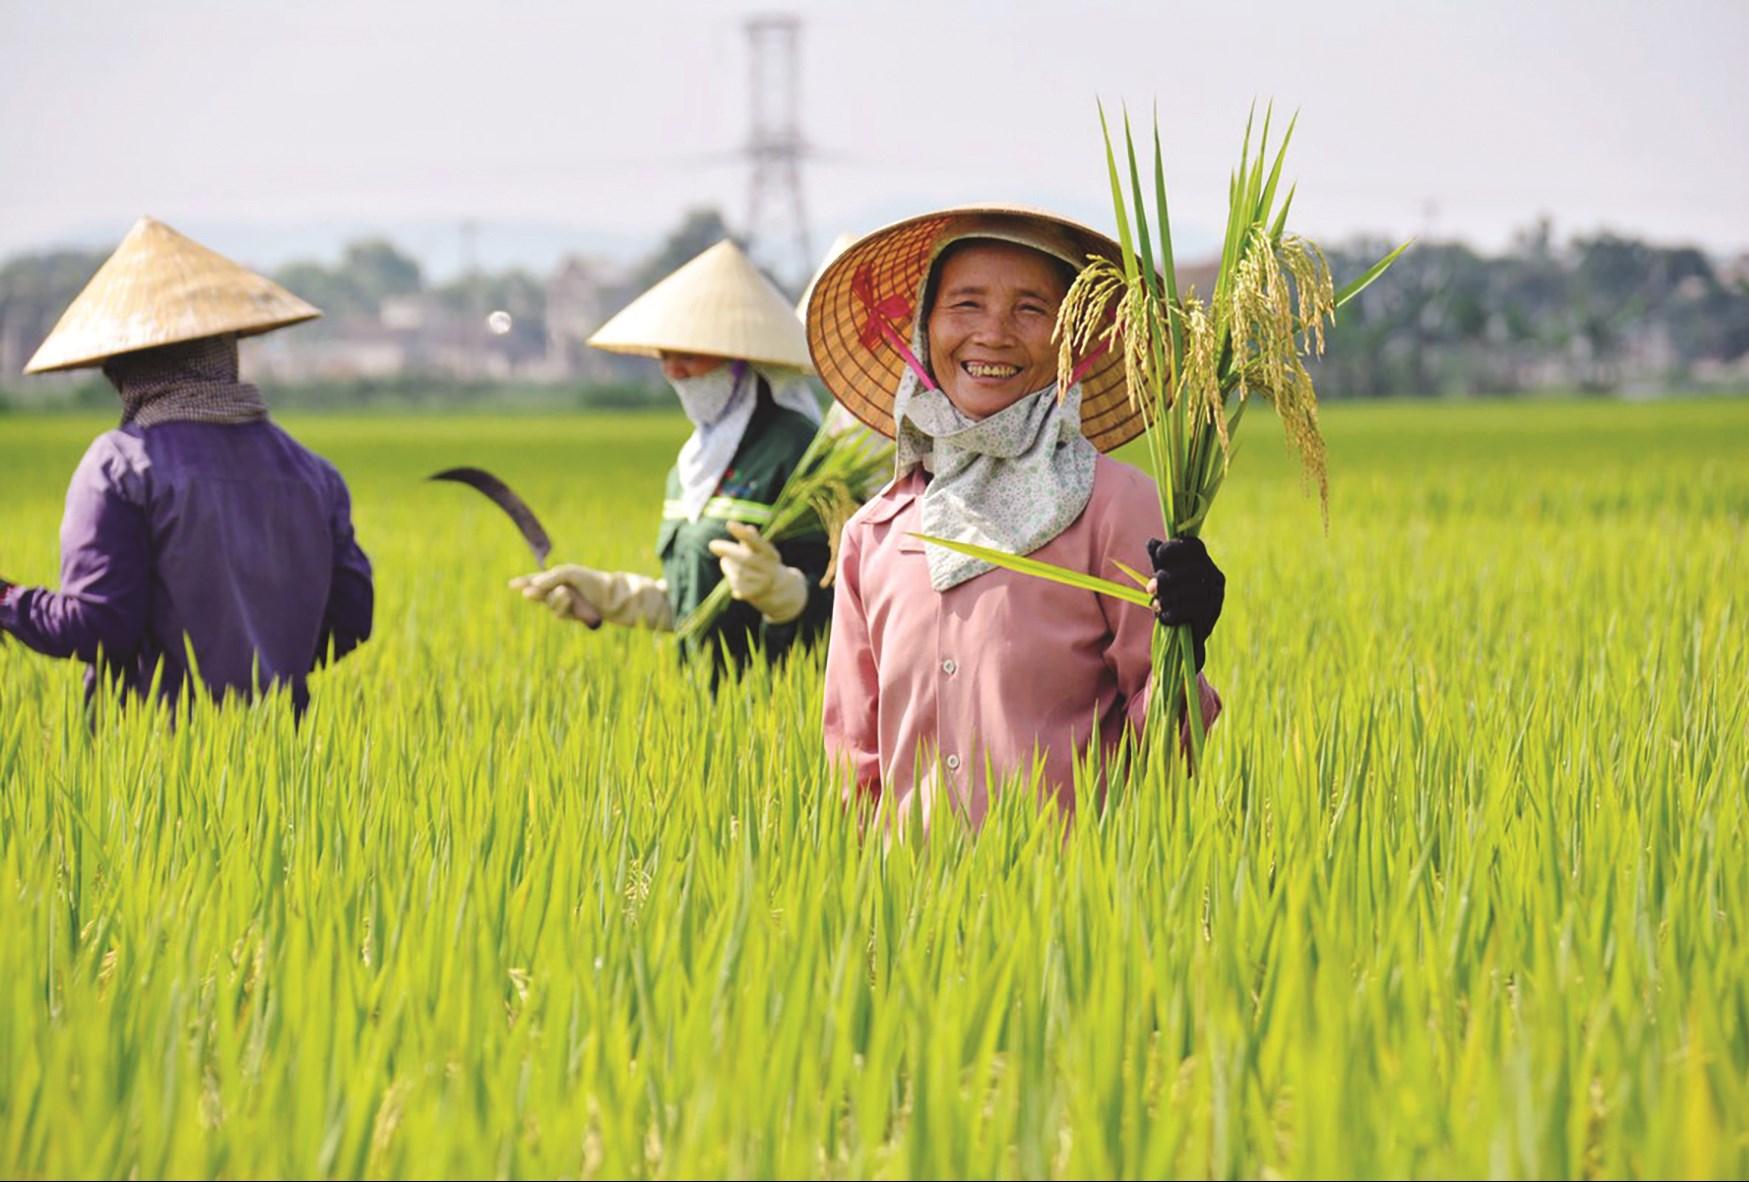 Bảo đảm lợi ích và mức sống cho người trồng lúa là việc phải làm. (Ảnh minh họa)